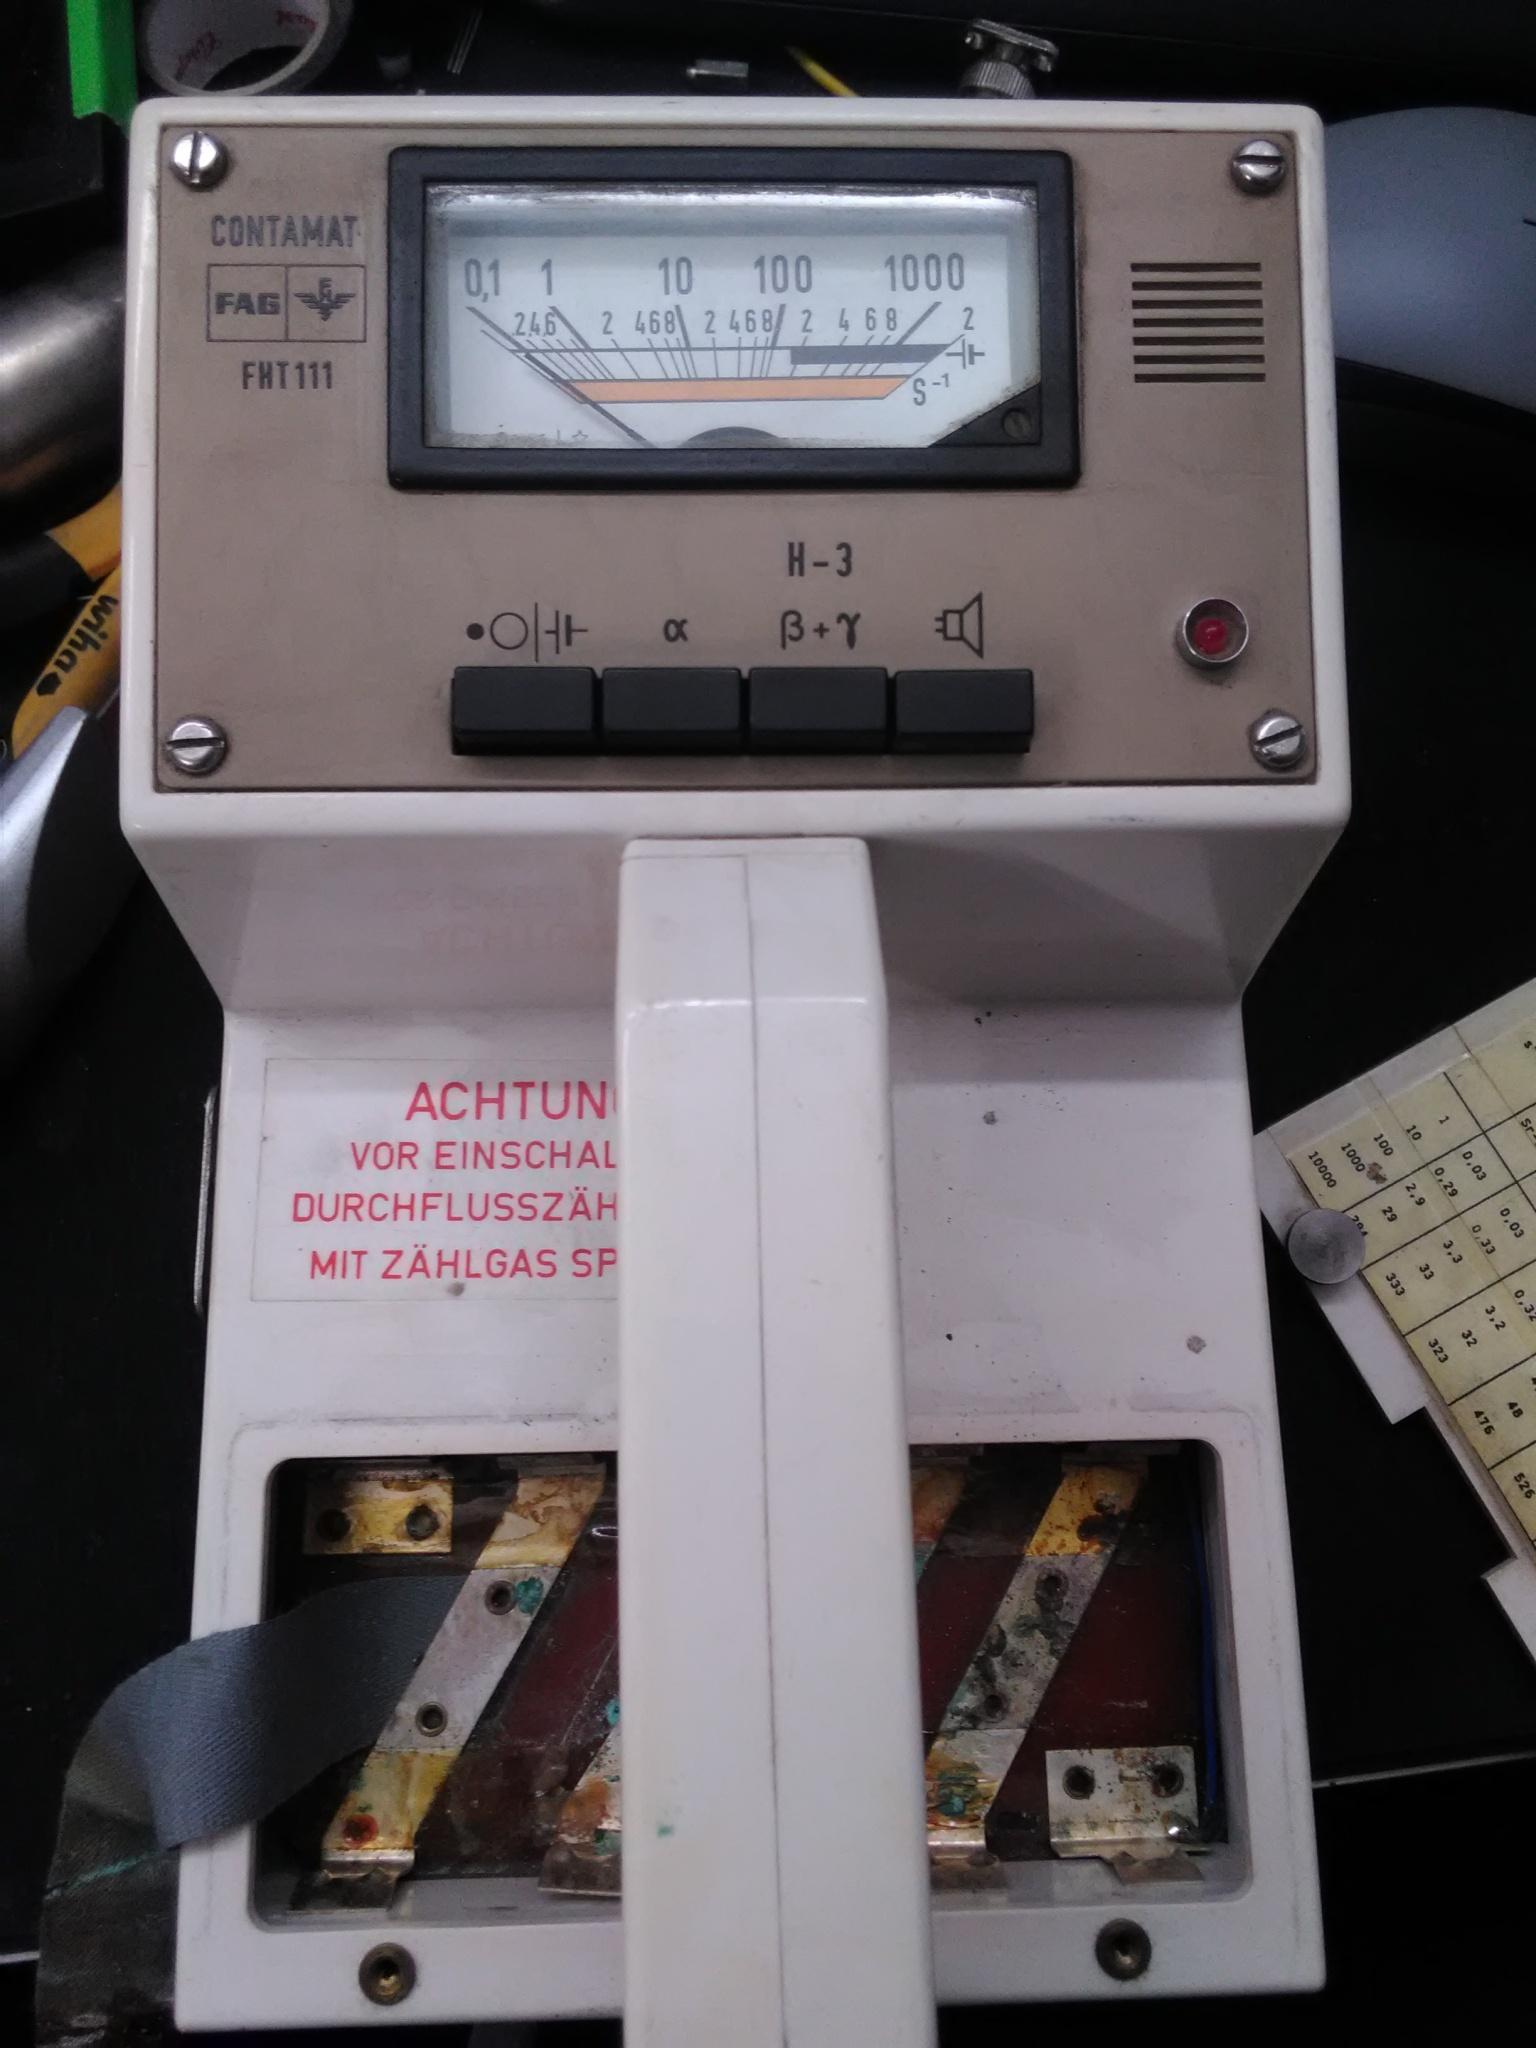 Возвращение к жизни радиометра FAG FHT 111 Contamat - 3